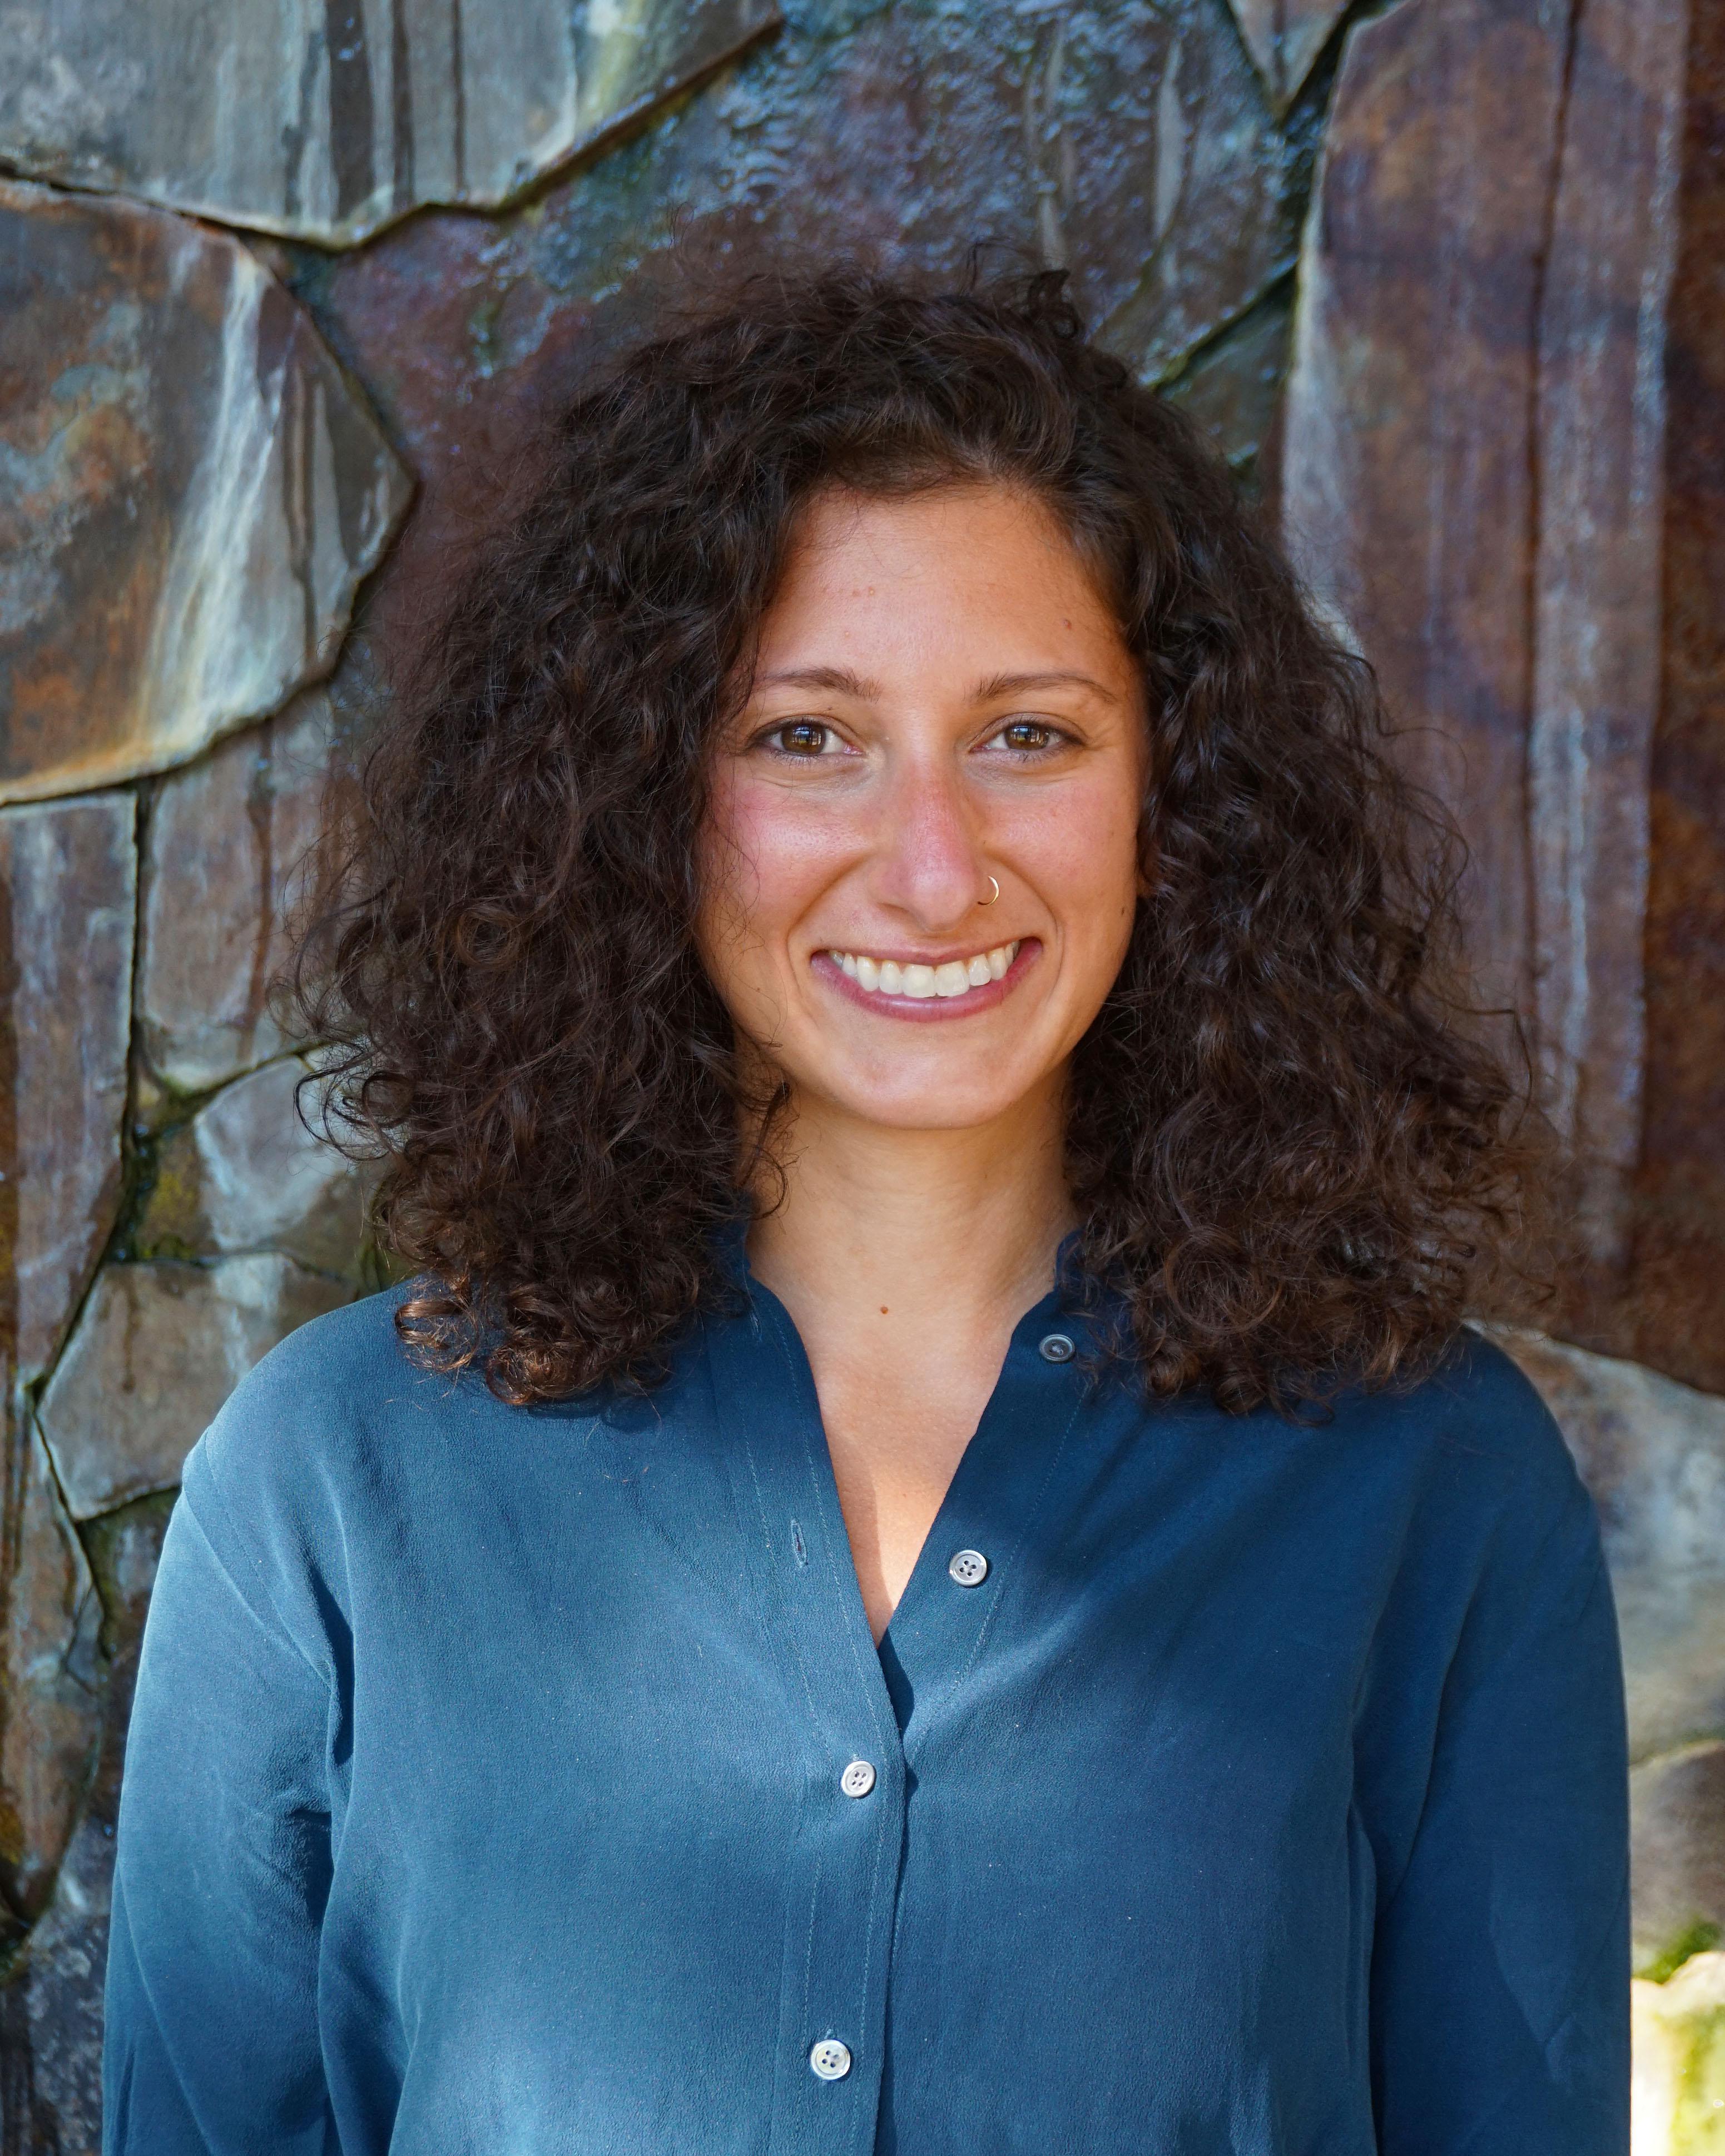 Sara Rapaport, ND, LMT